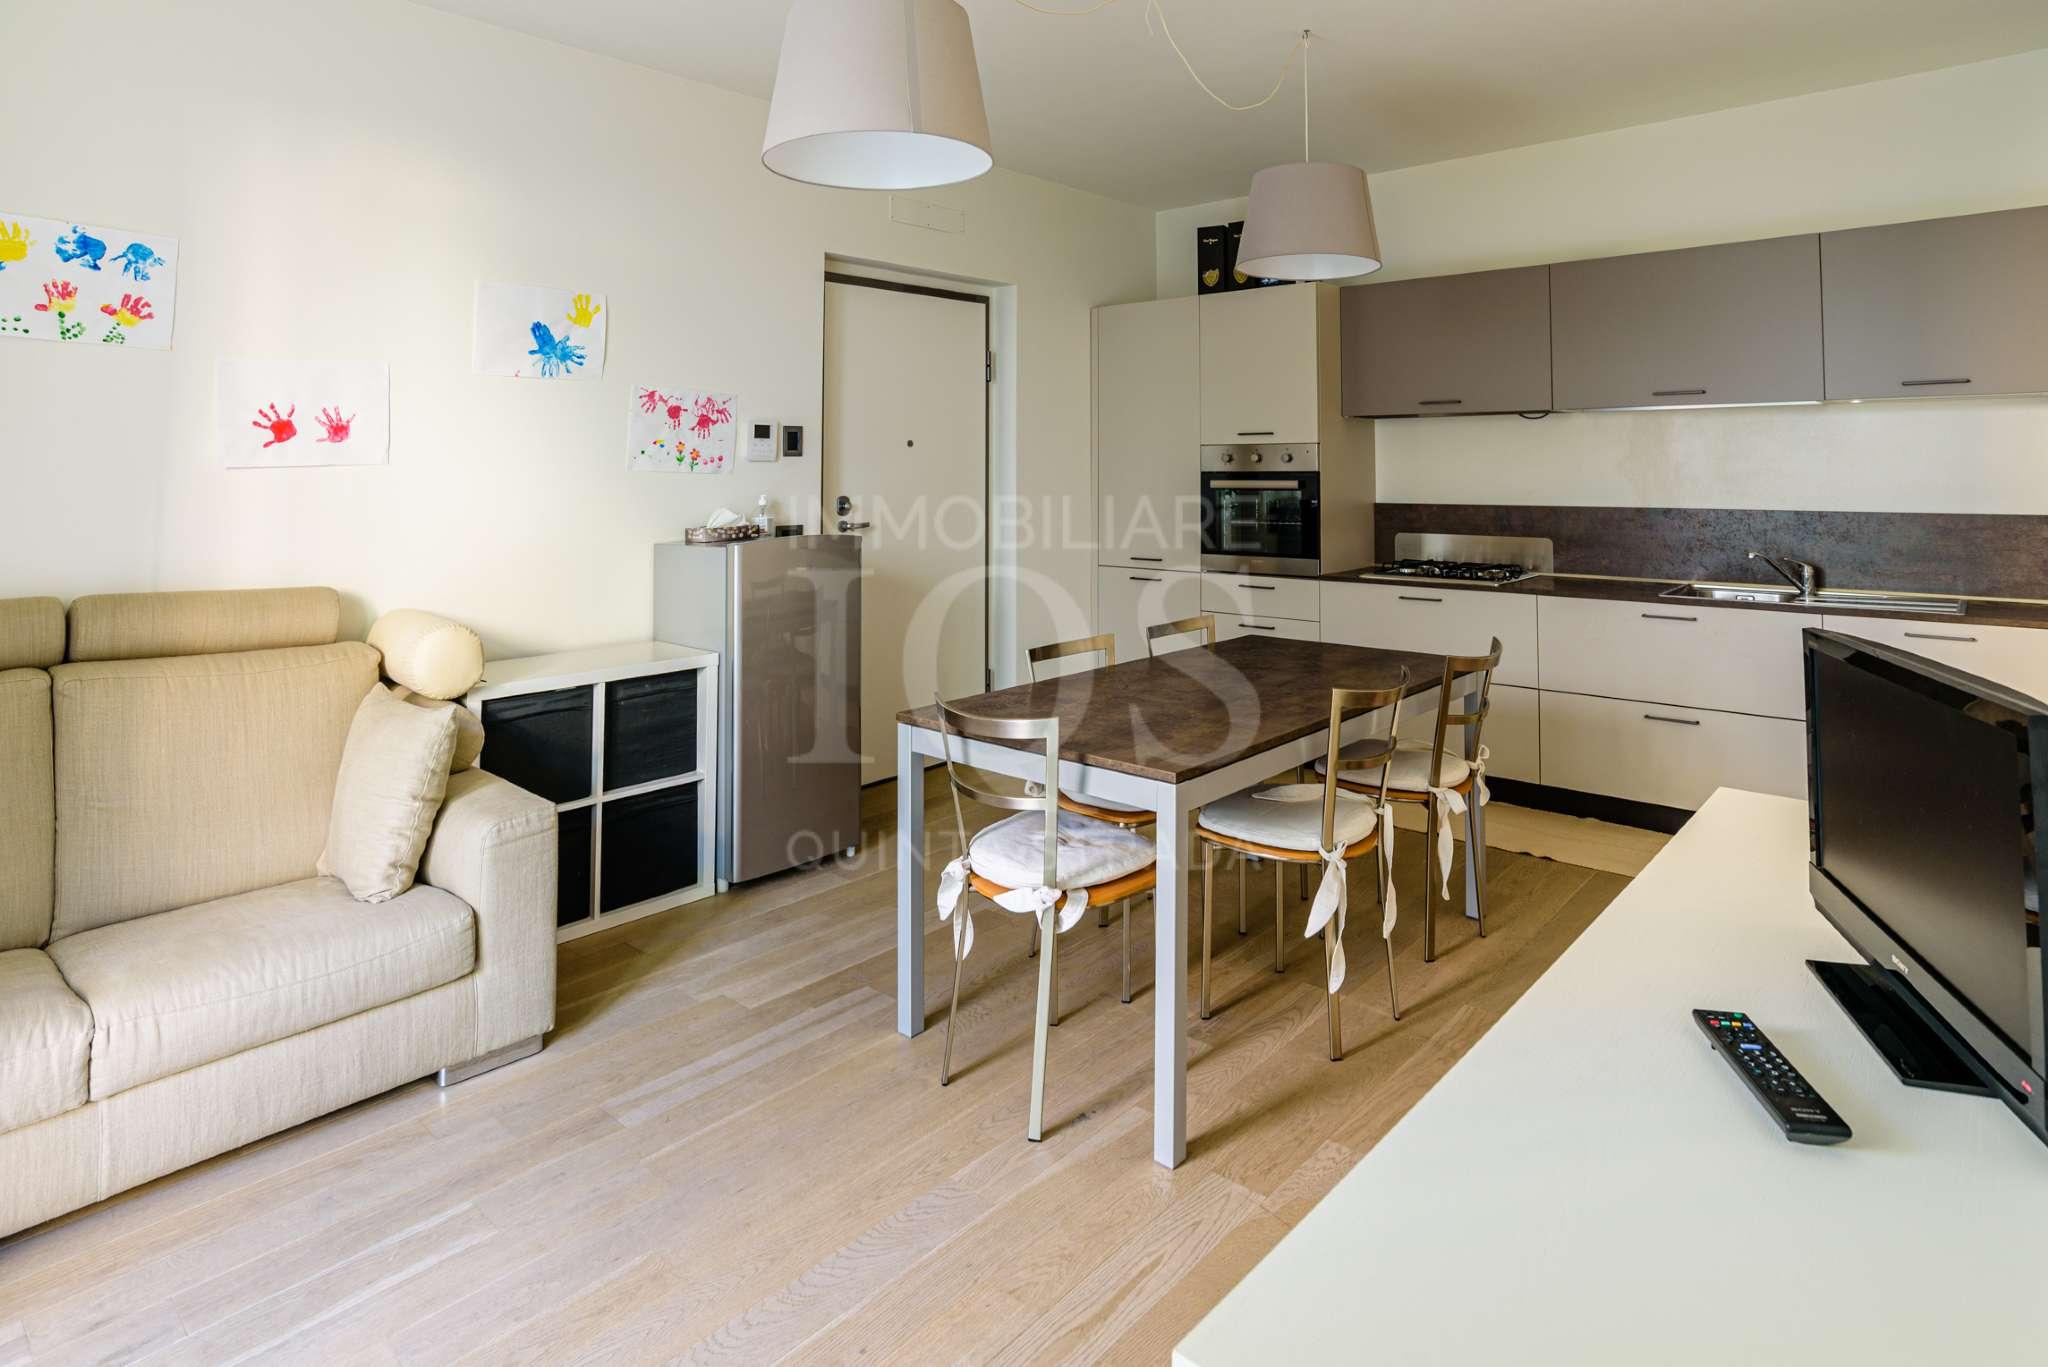 Appartamento in vendita a Sarnico, 2 locali, prezzo € 159.000 | PortaleAgenzieImmobiliari.it